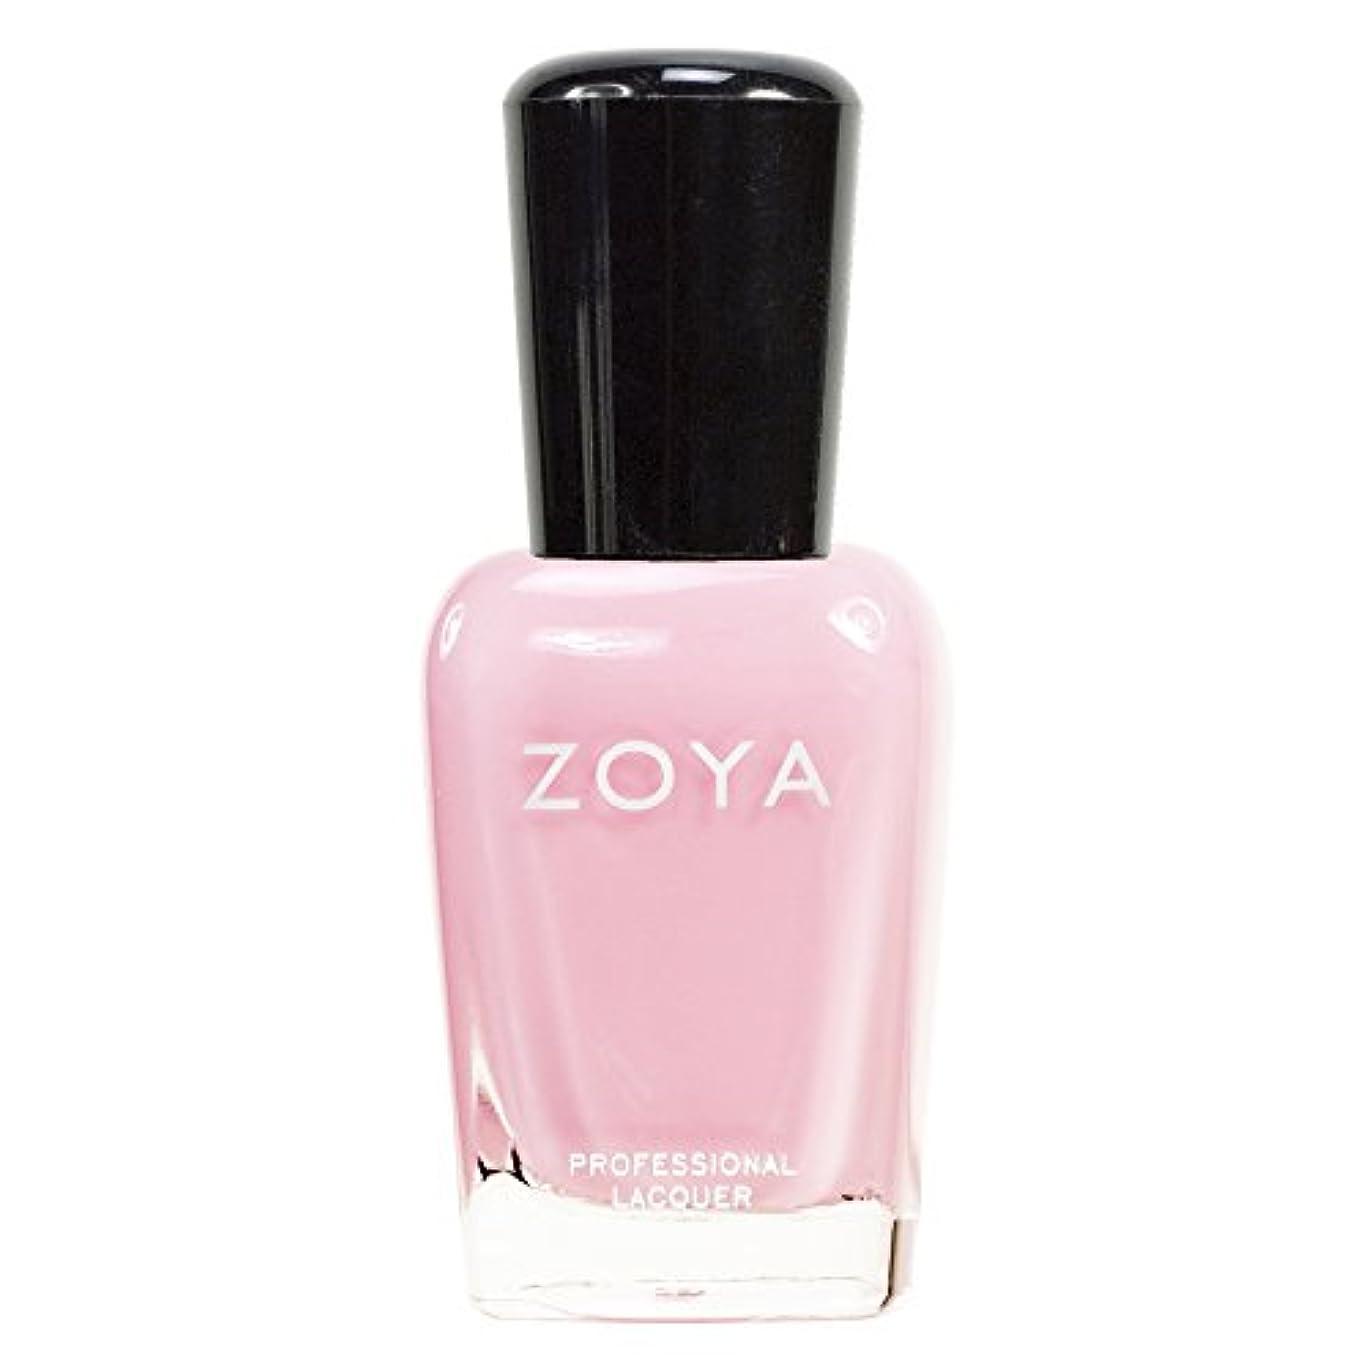 アルバム馬力波ZOYA ゾーヤ ネイルカラーZP315 BELA ベラ 15ml 淡く優しいクリーミーなピンク マット 爪にやさしいネイルラッカーマニキュア